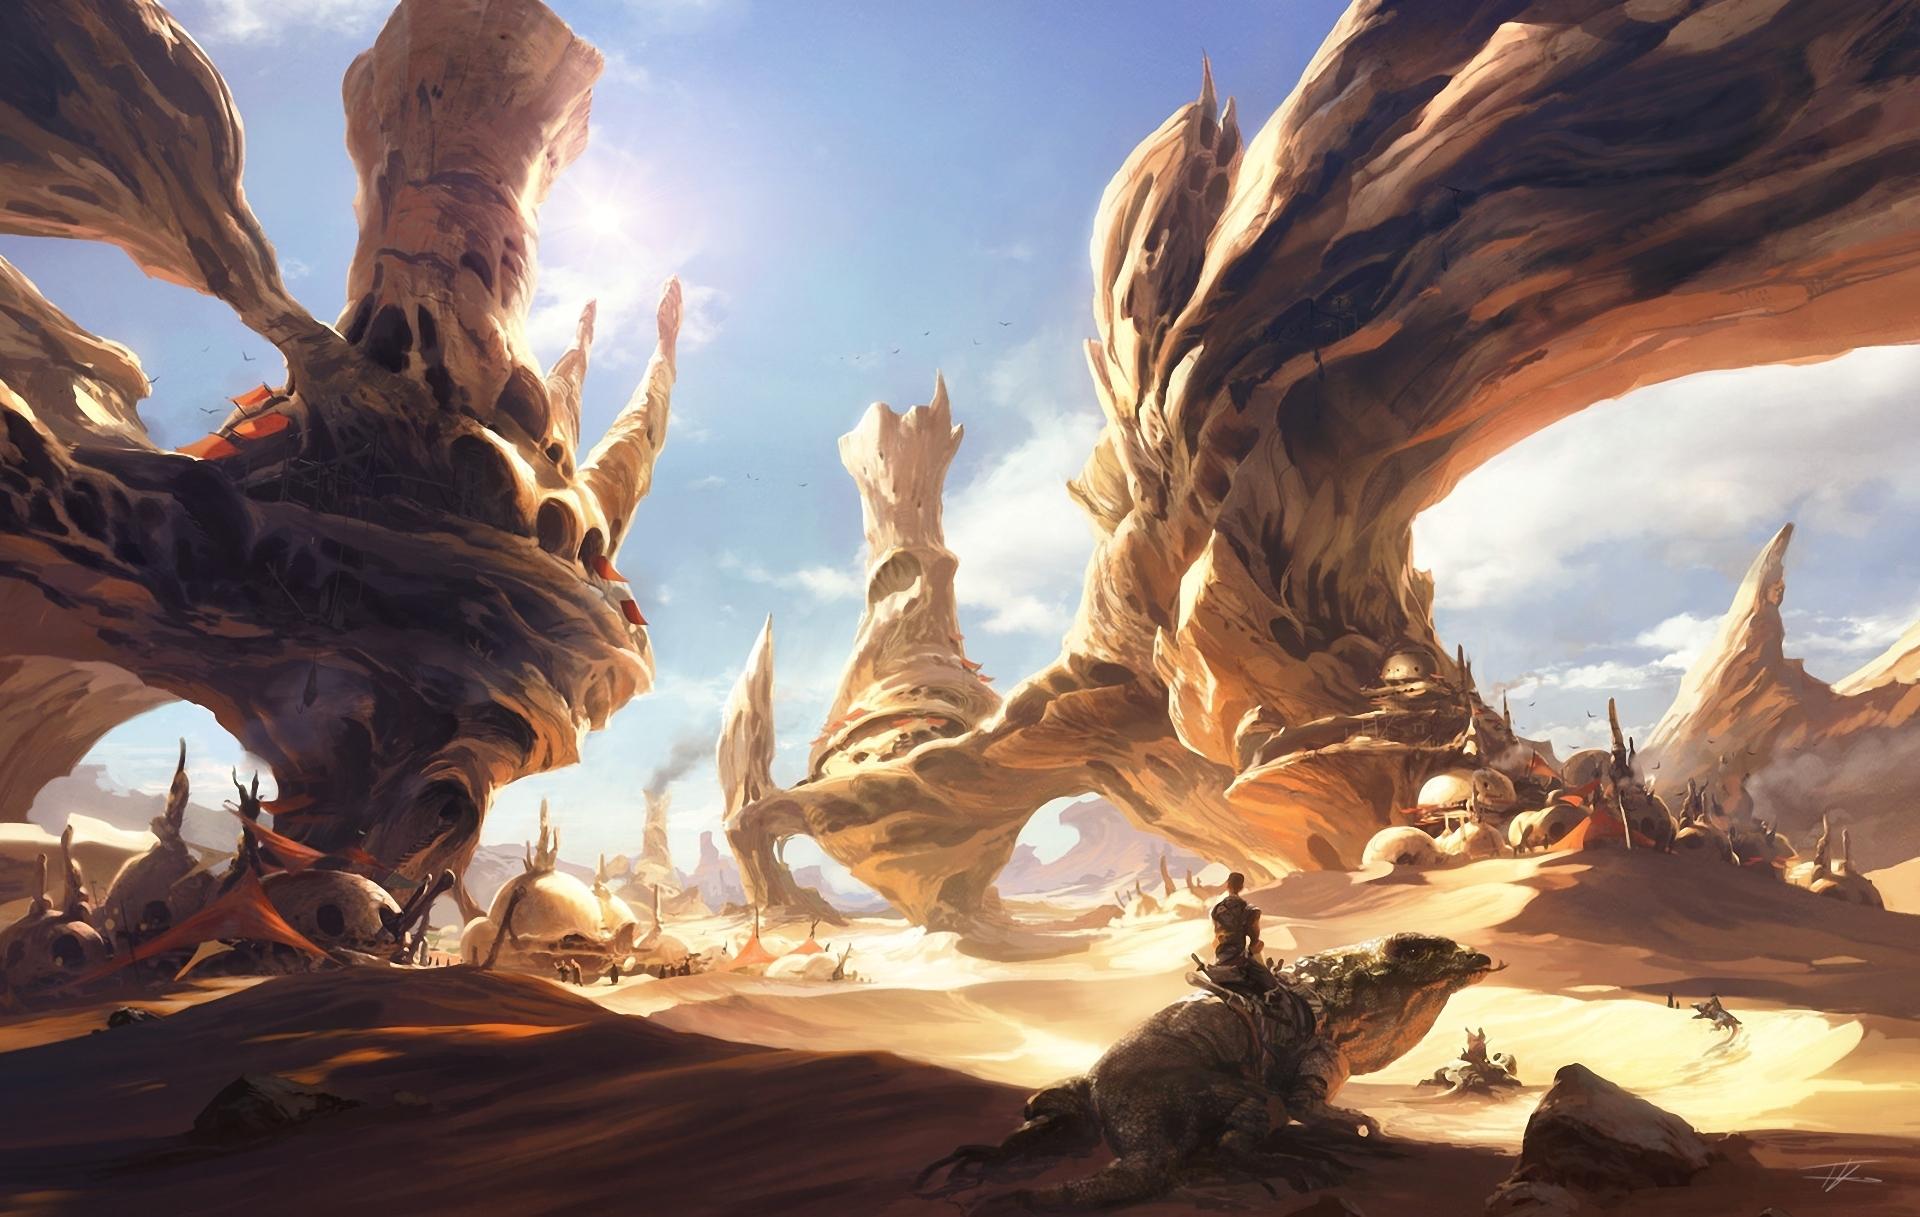 Mayarabi Desert-lizard-fantasy-world-sky